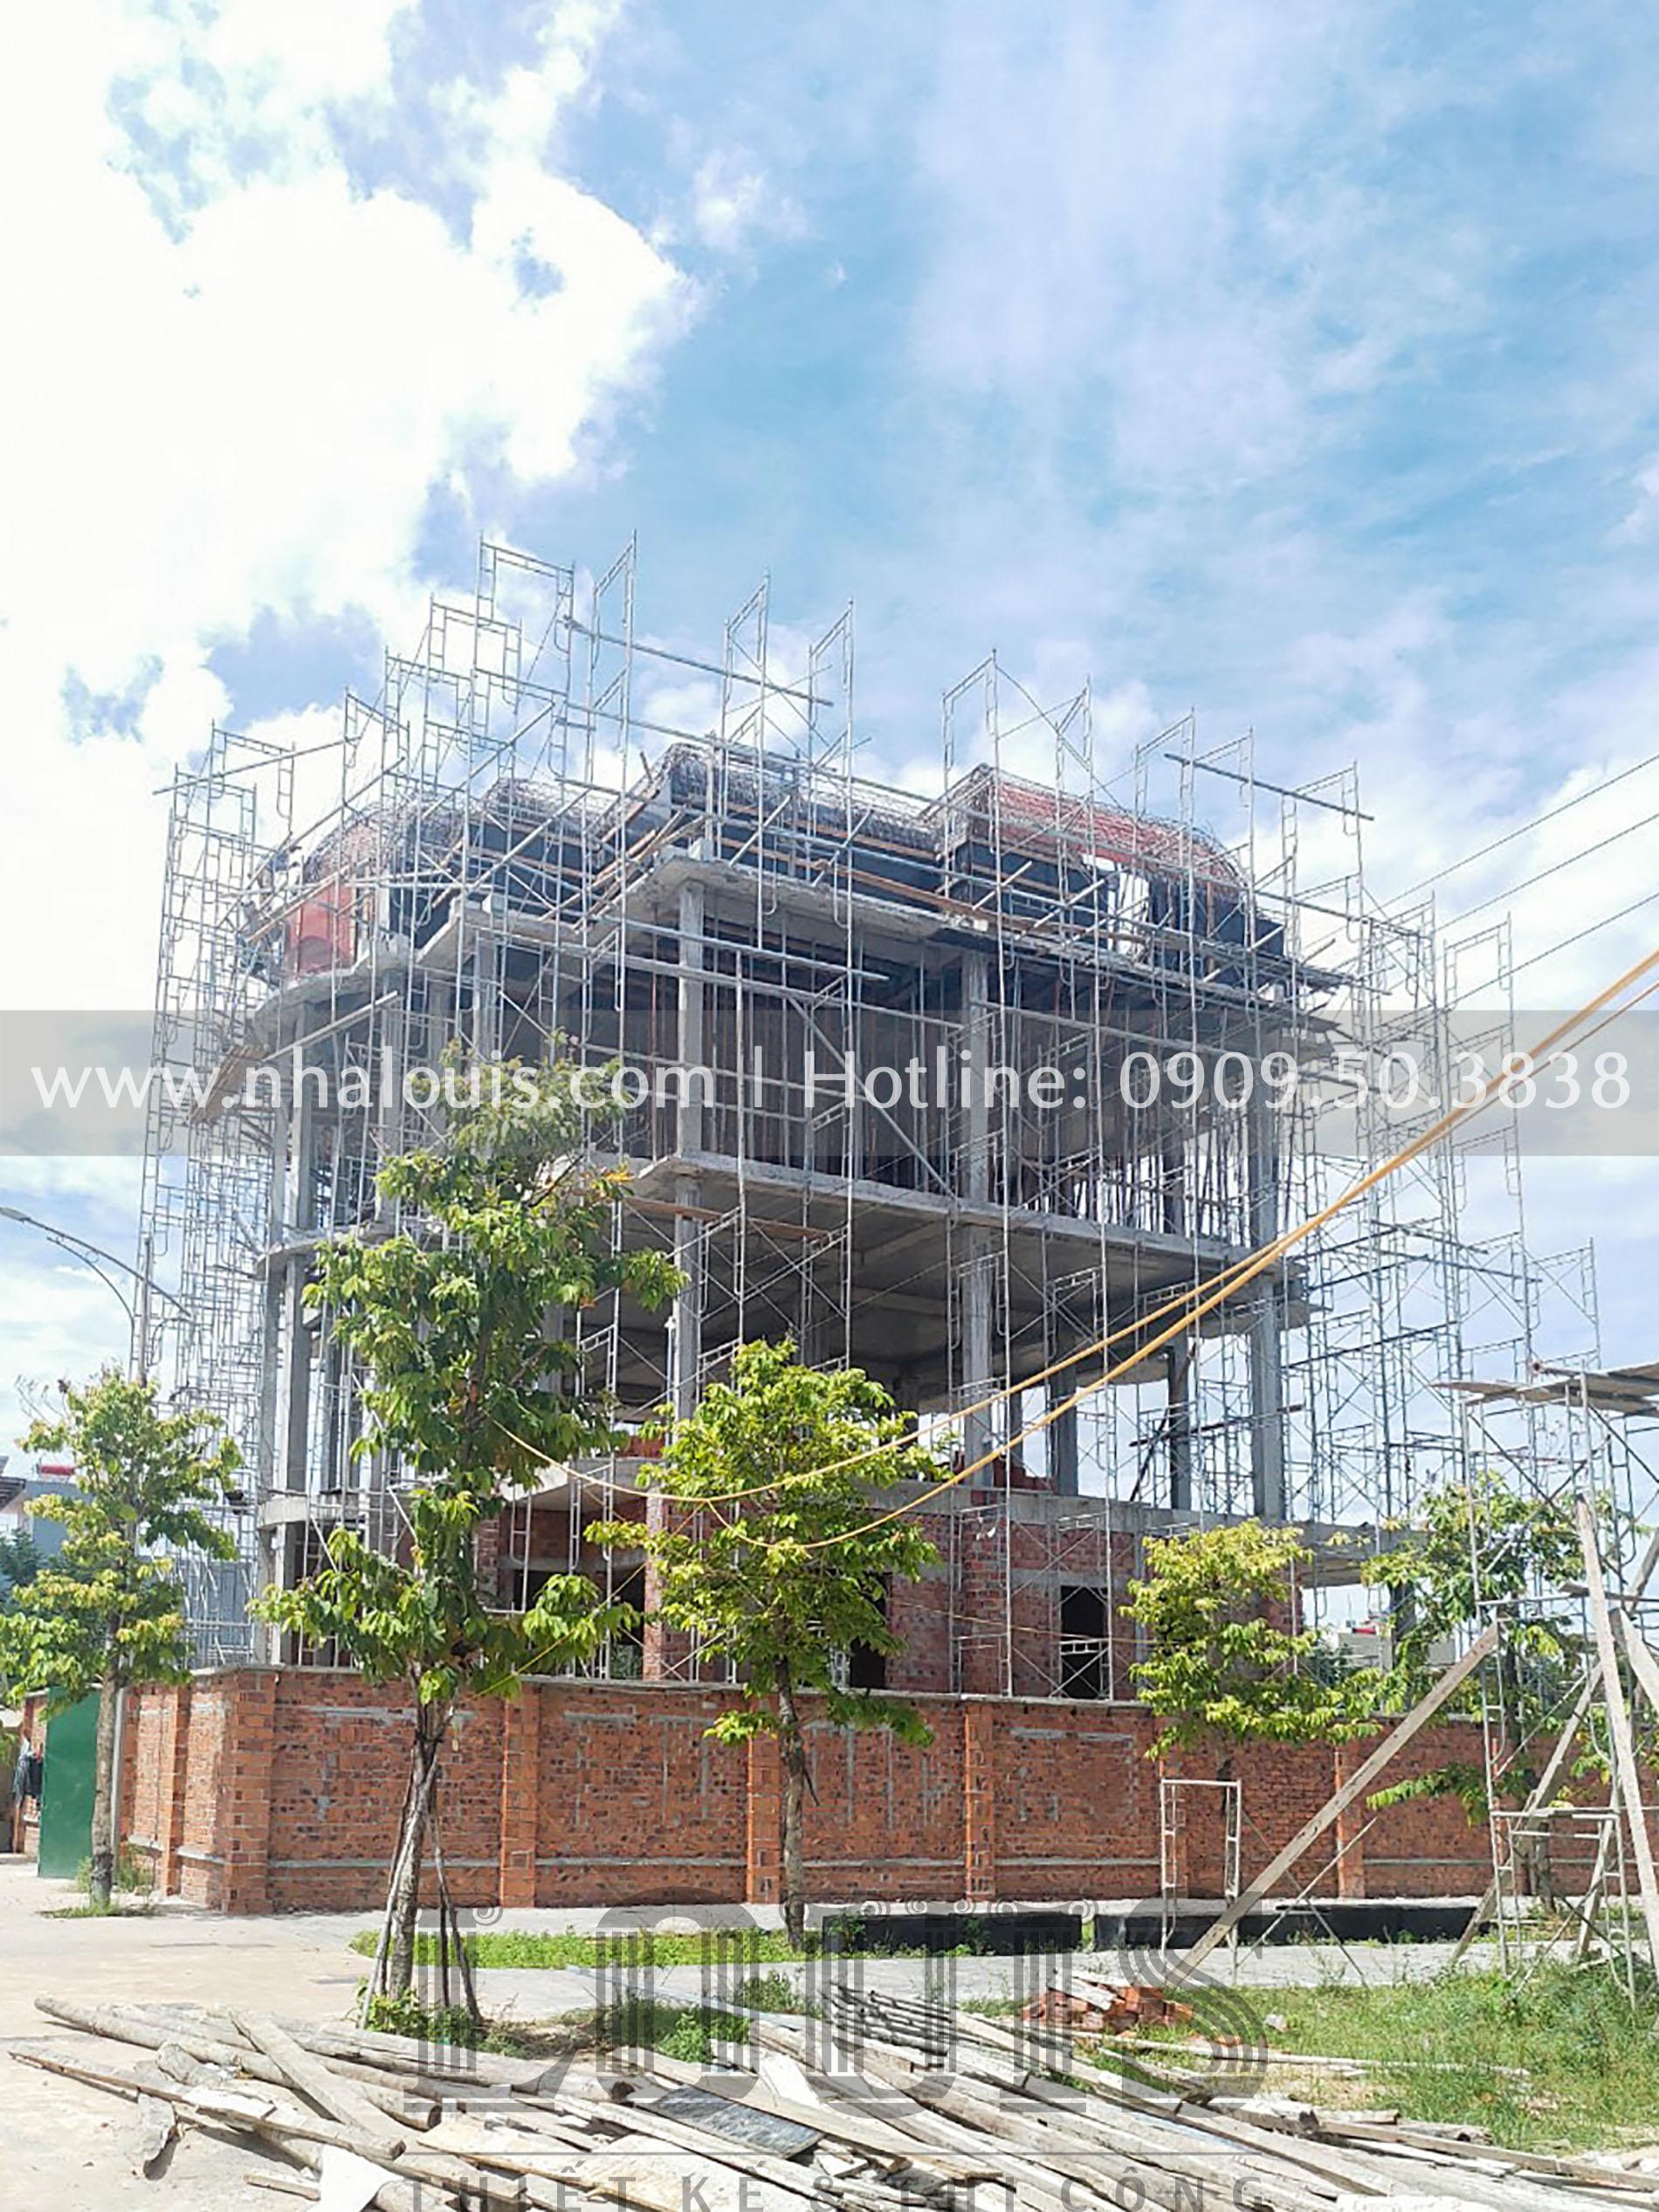 Thi công biệt thự 4 tầng tân cổ điển đẳng cấp tại Quảng Ngãi